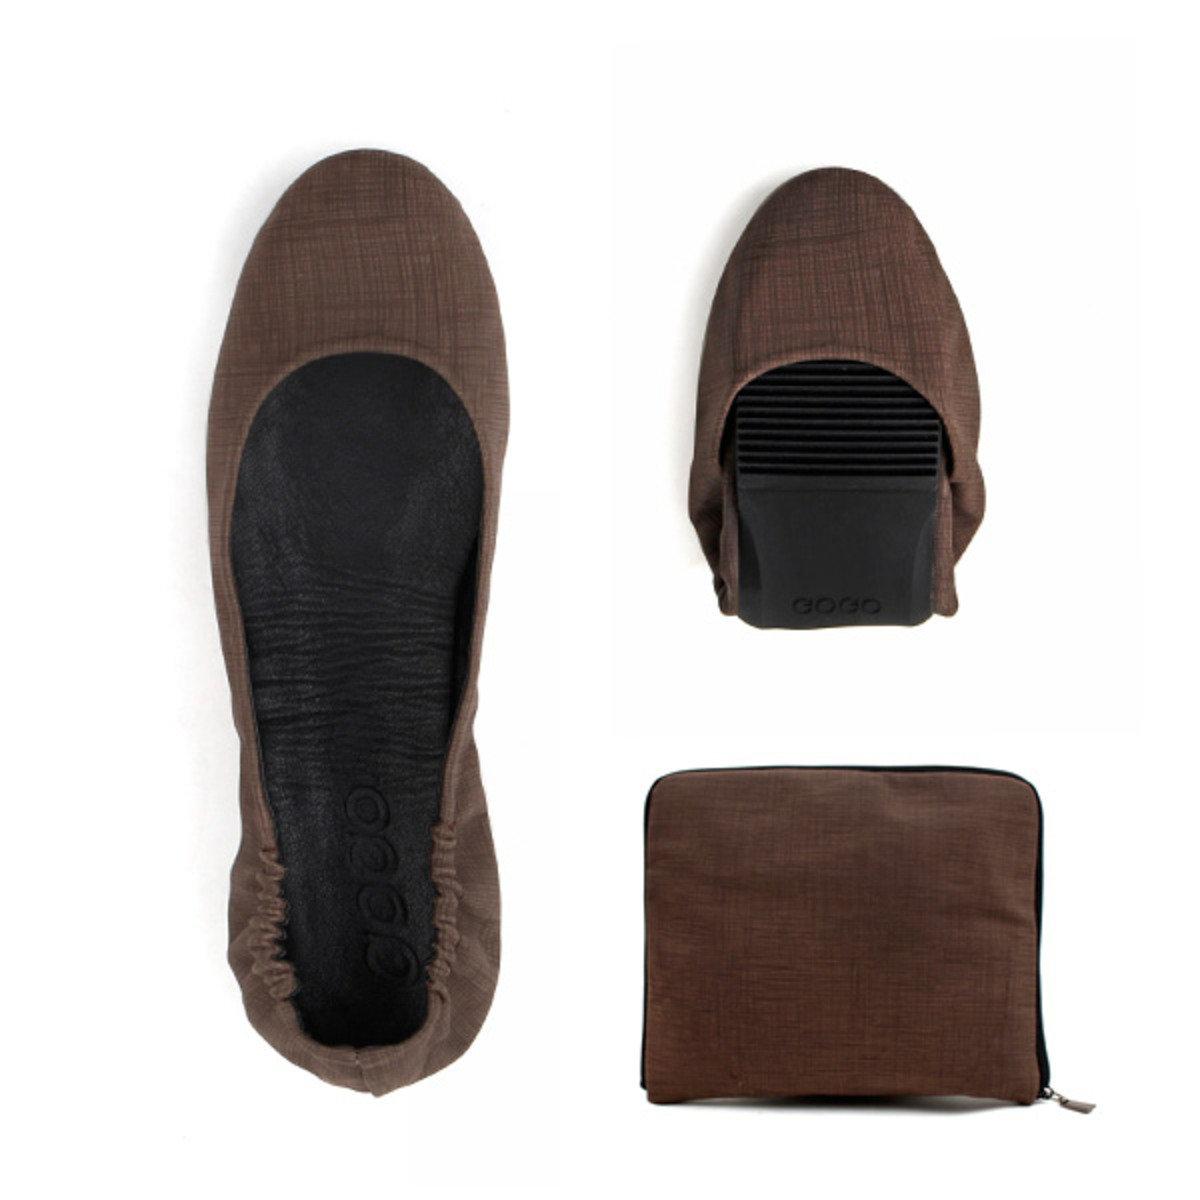 單色摺疊式平底鞋_GOGO_9BR